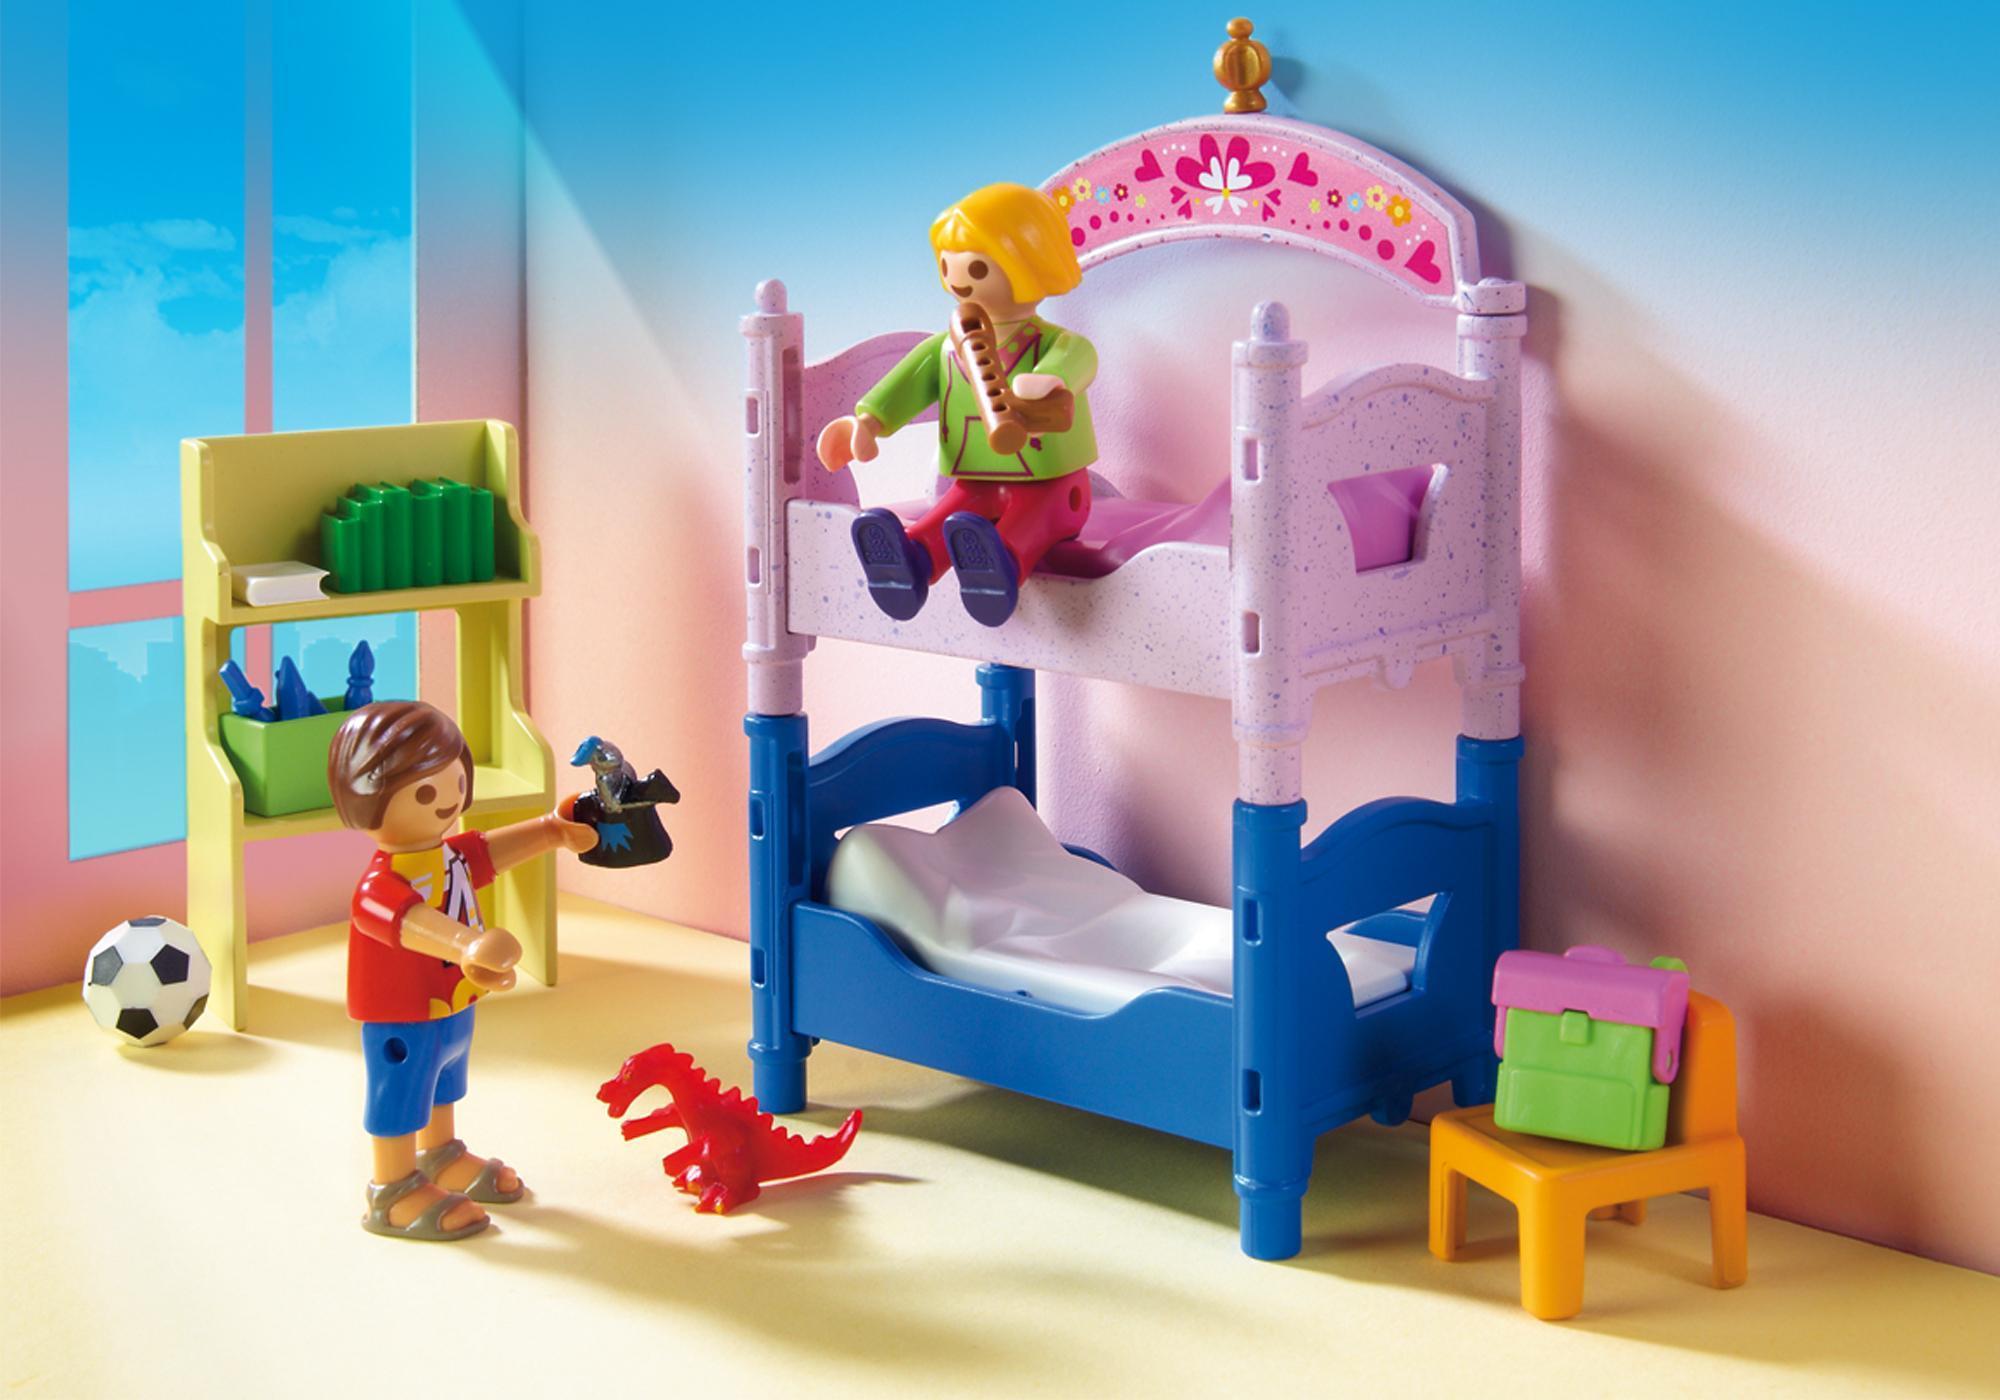 http://media.playmobil.com/i/playmobil/5306_product_extra1/Chambre d'enfants avec lits superposés